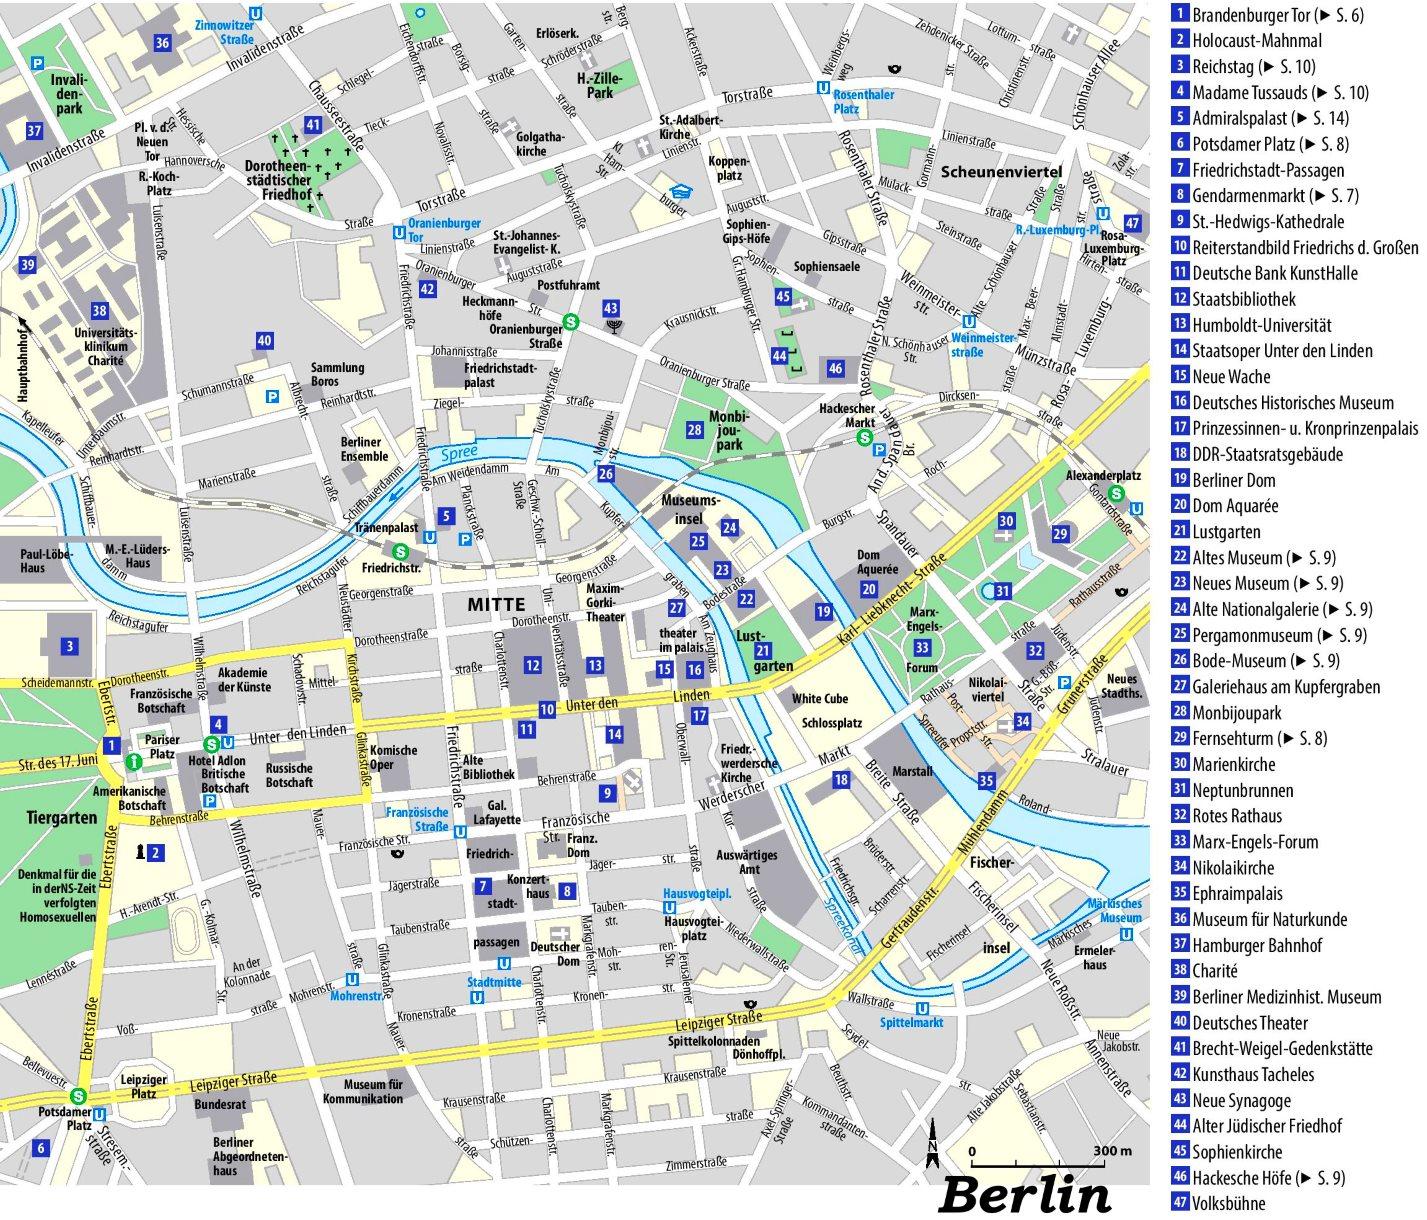 Stadtplan Berlin Mit Sehenswurdigkeiten